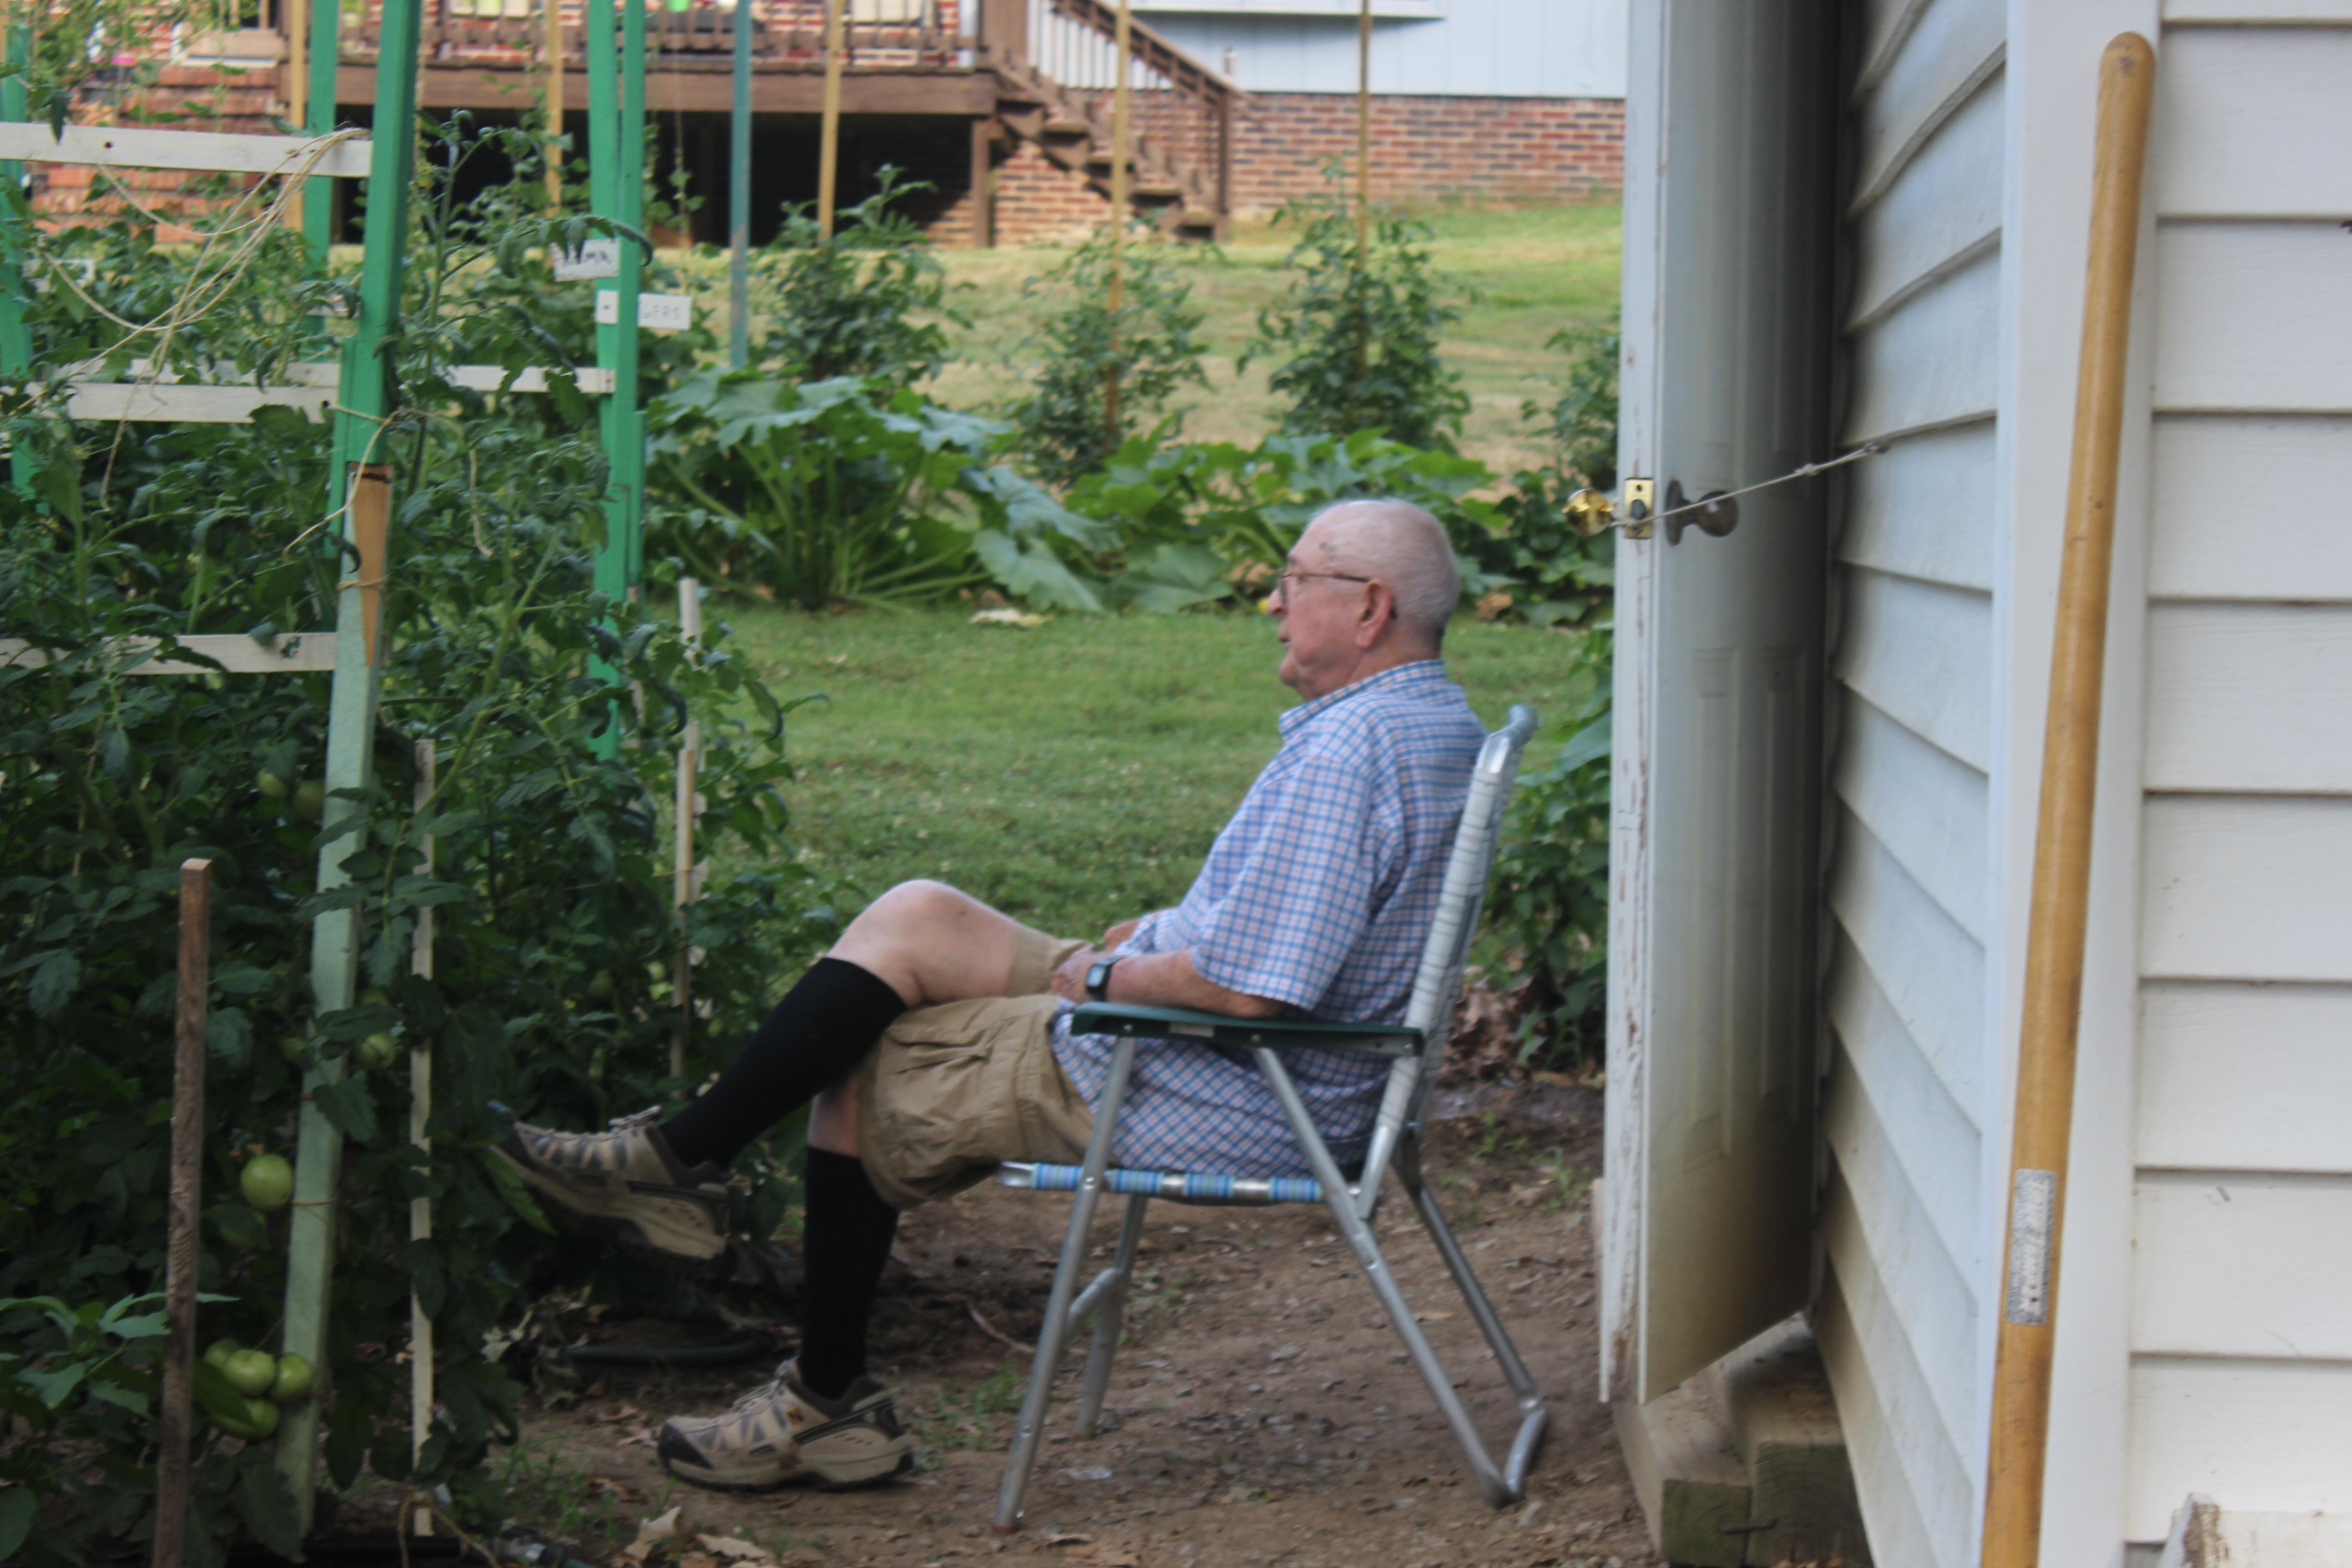 Daddy gardener plows a daddy